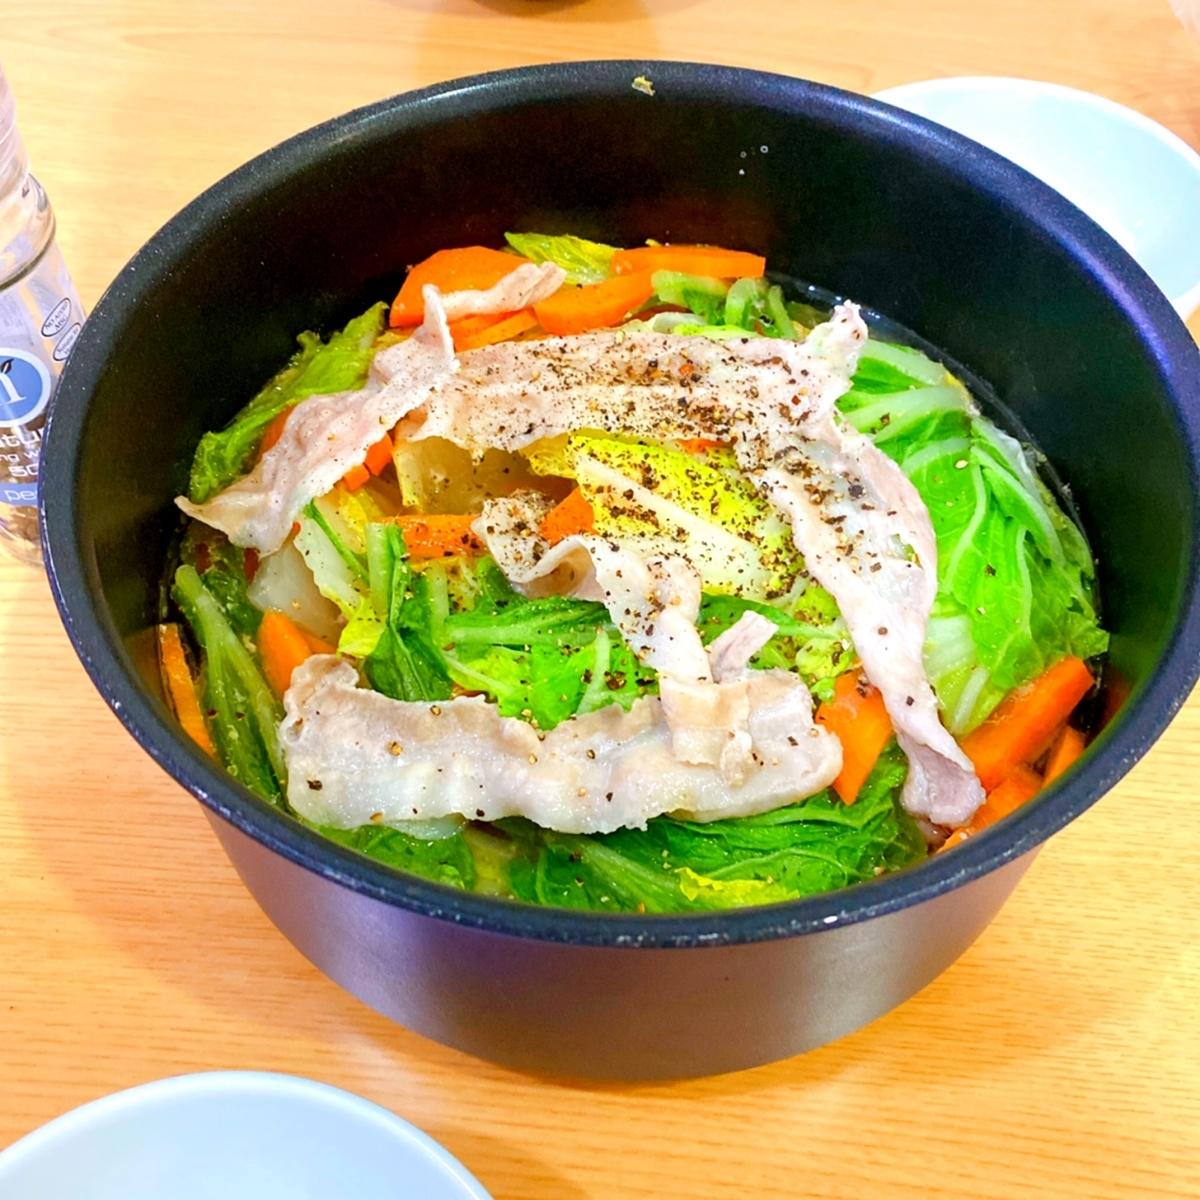 豚肉と白菜のお鍋の写真